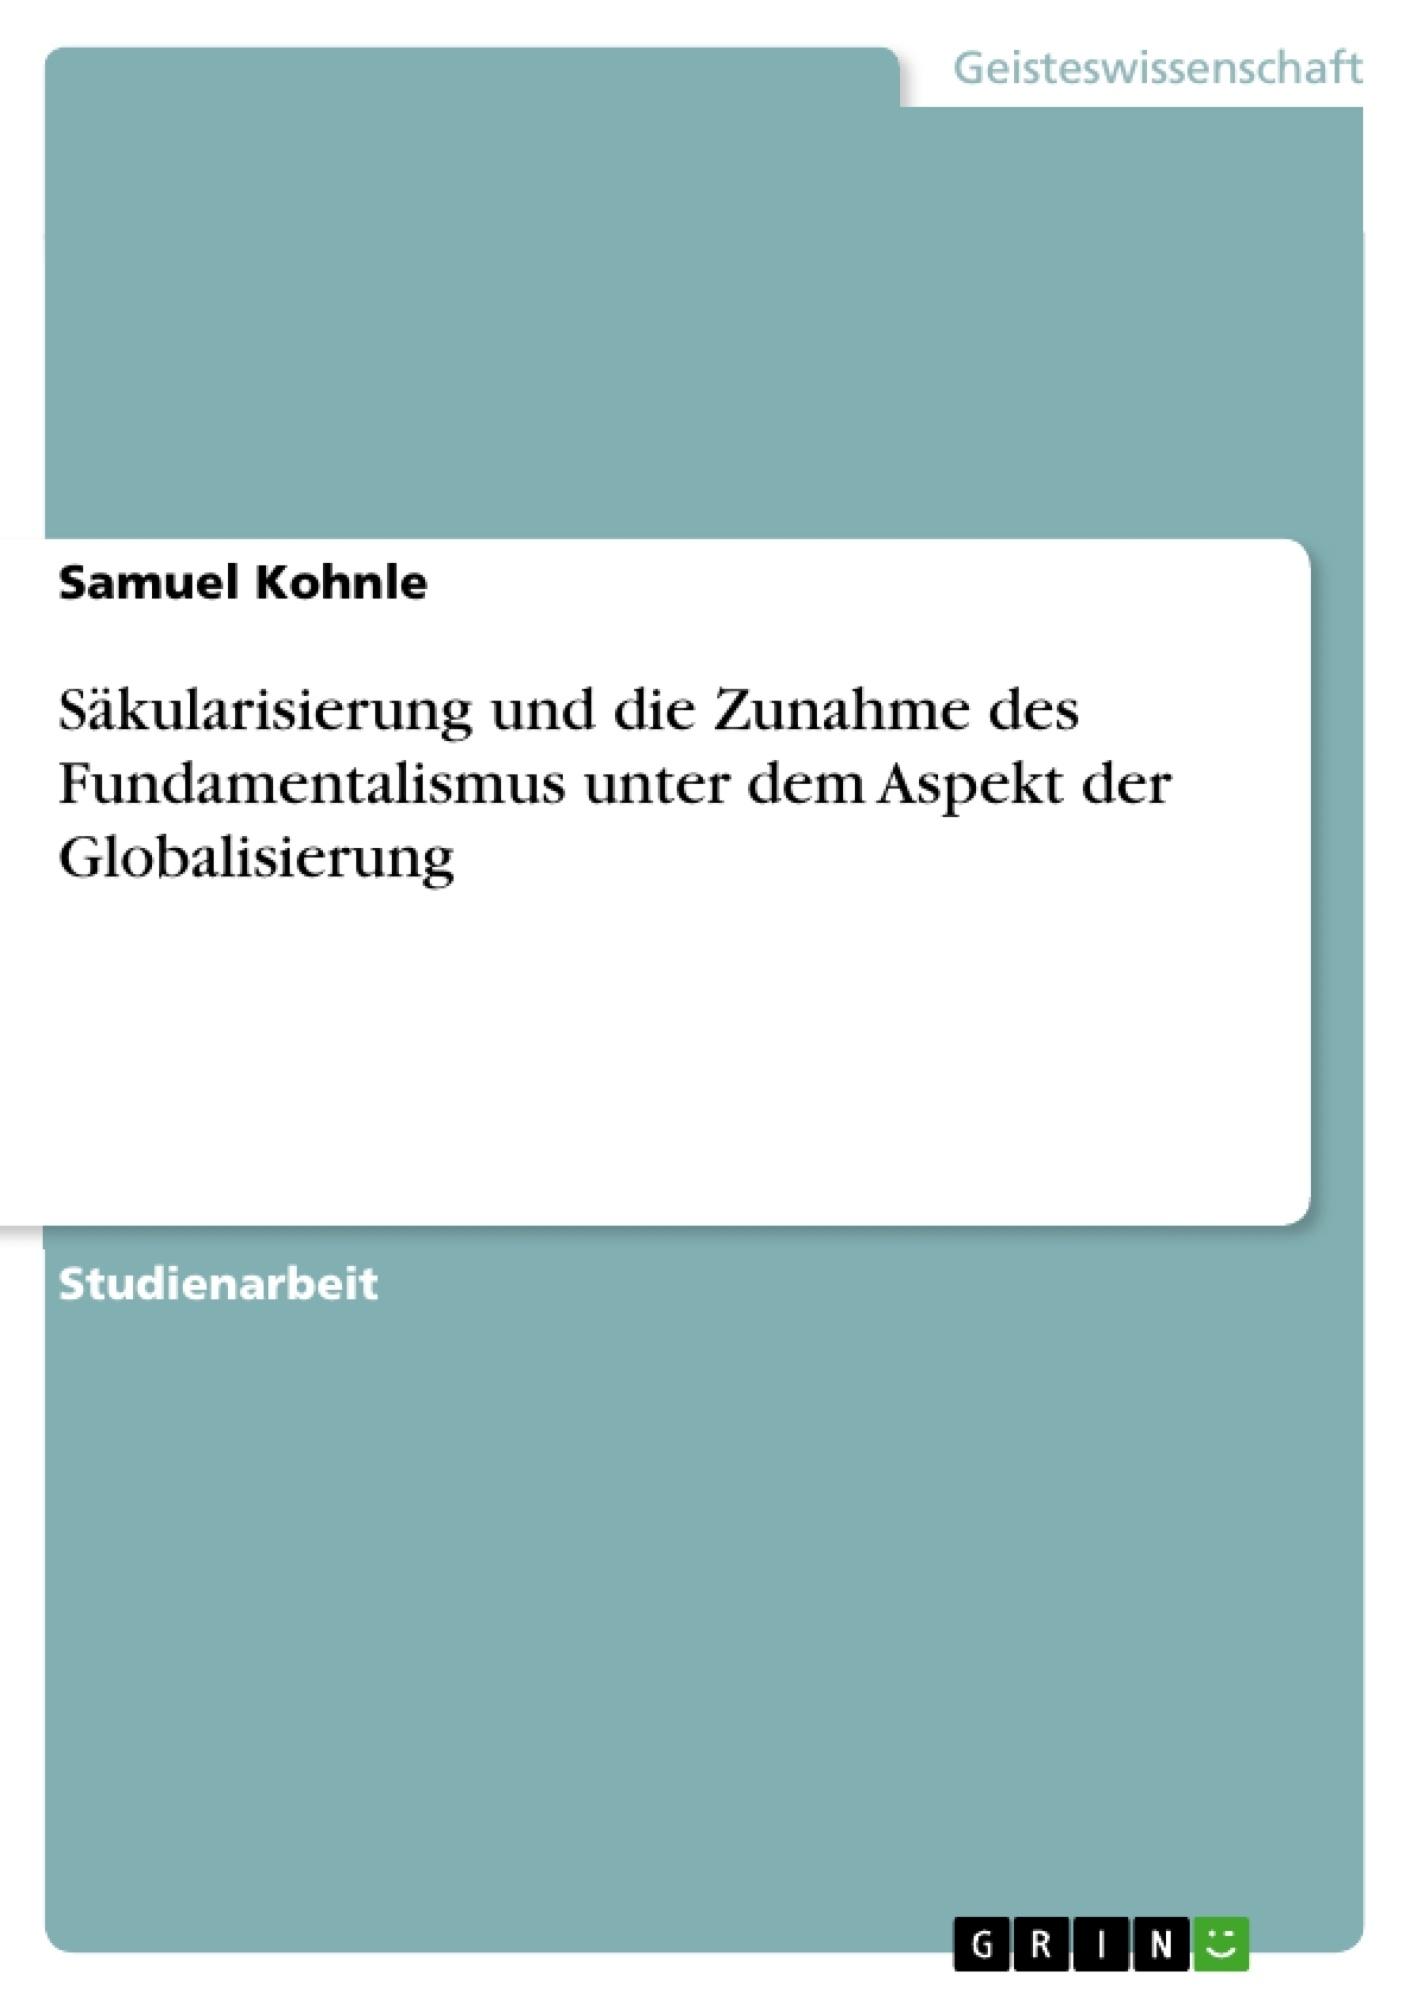 Titel: Säkularisierung und die Zunahme des Fundamentalismus unter dem Aspekt der Globalisierung